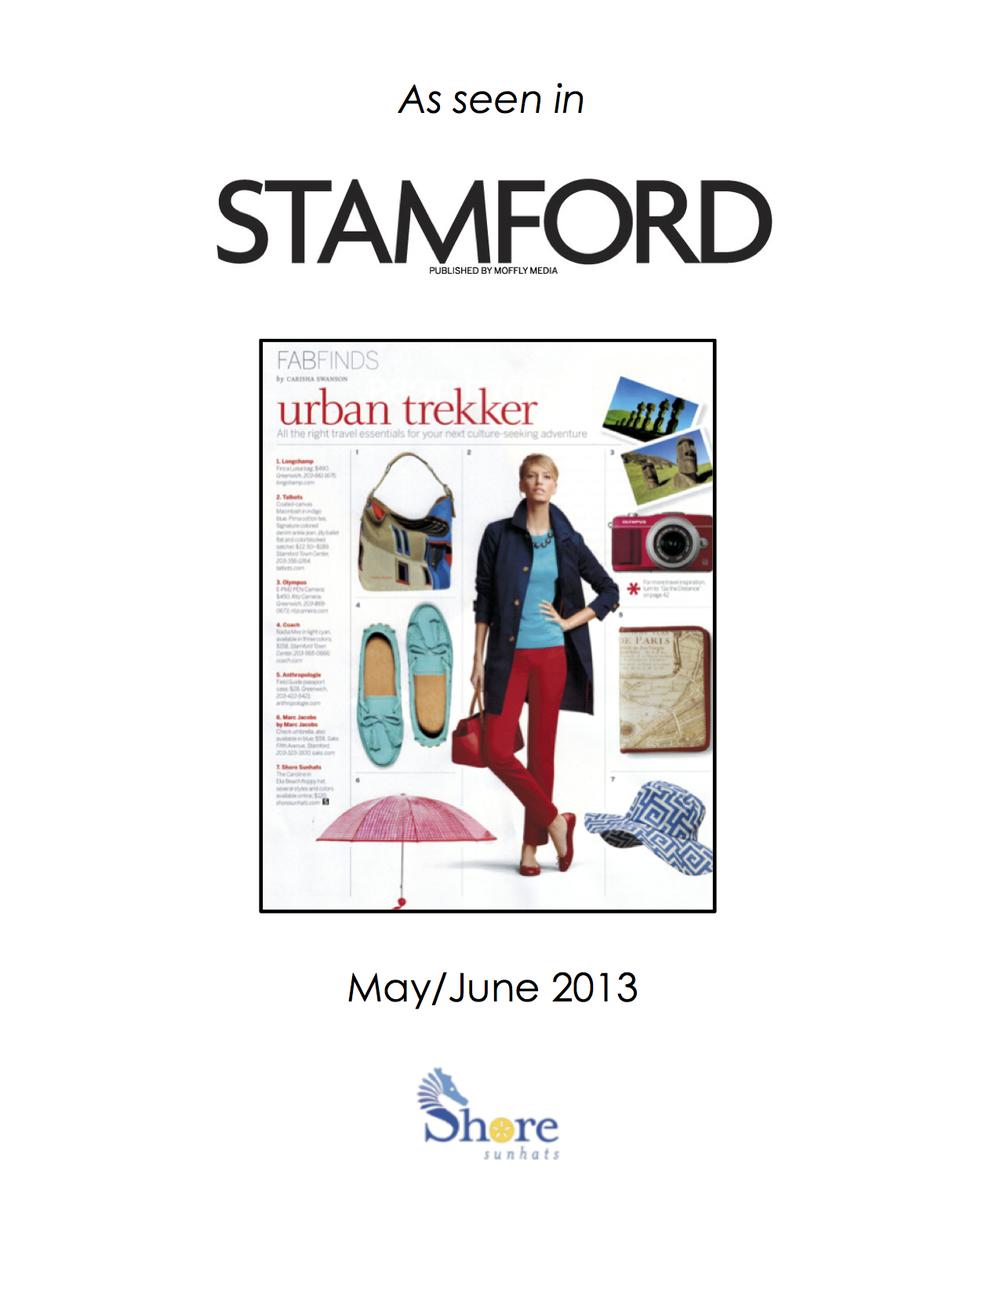 Shore Sunhats- Stamford Magazine.jpg